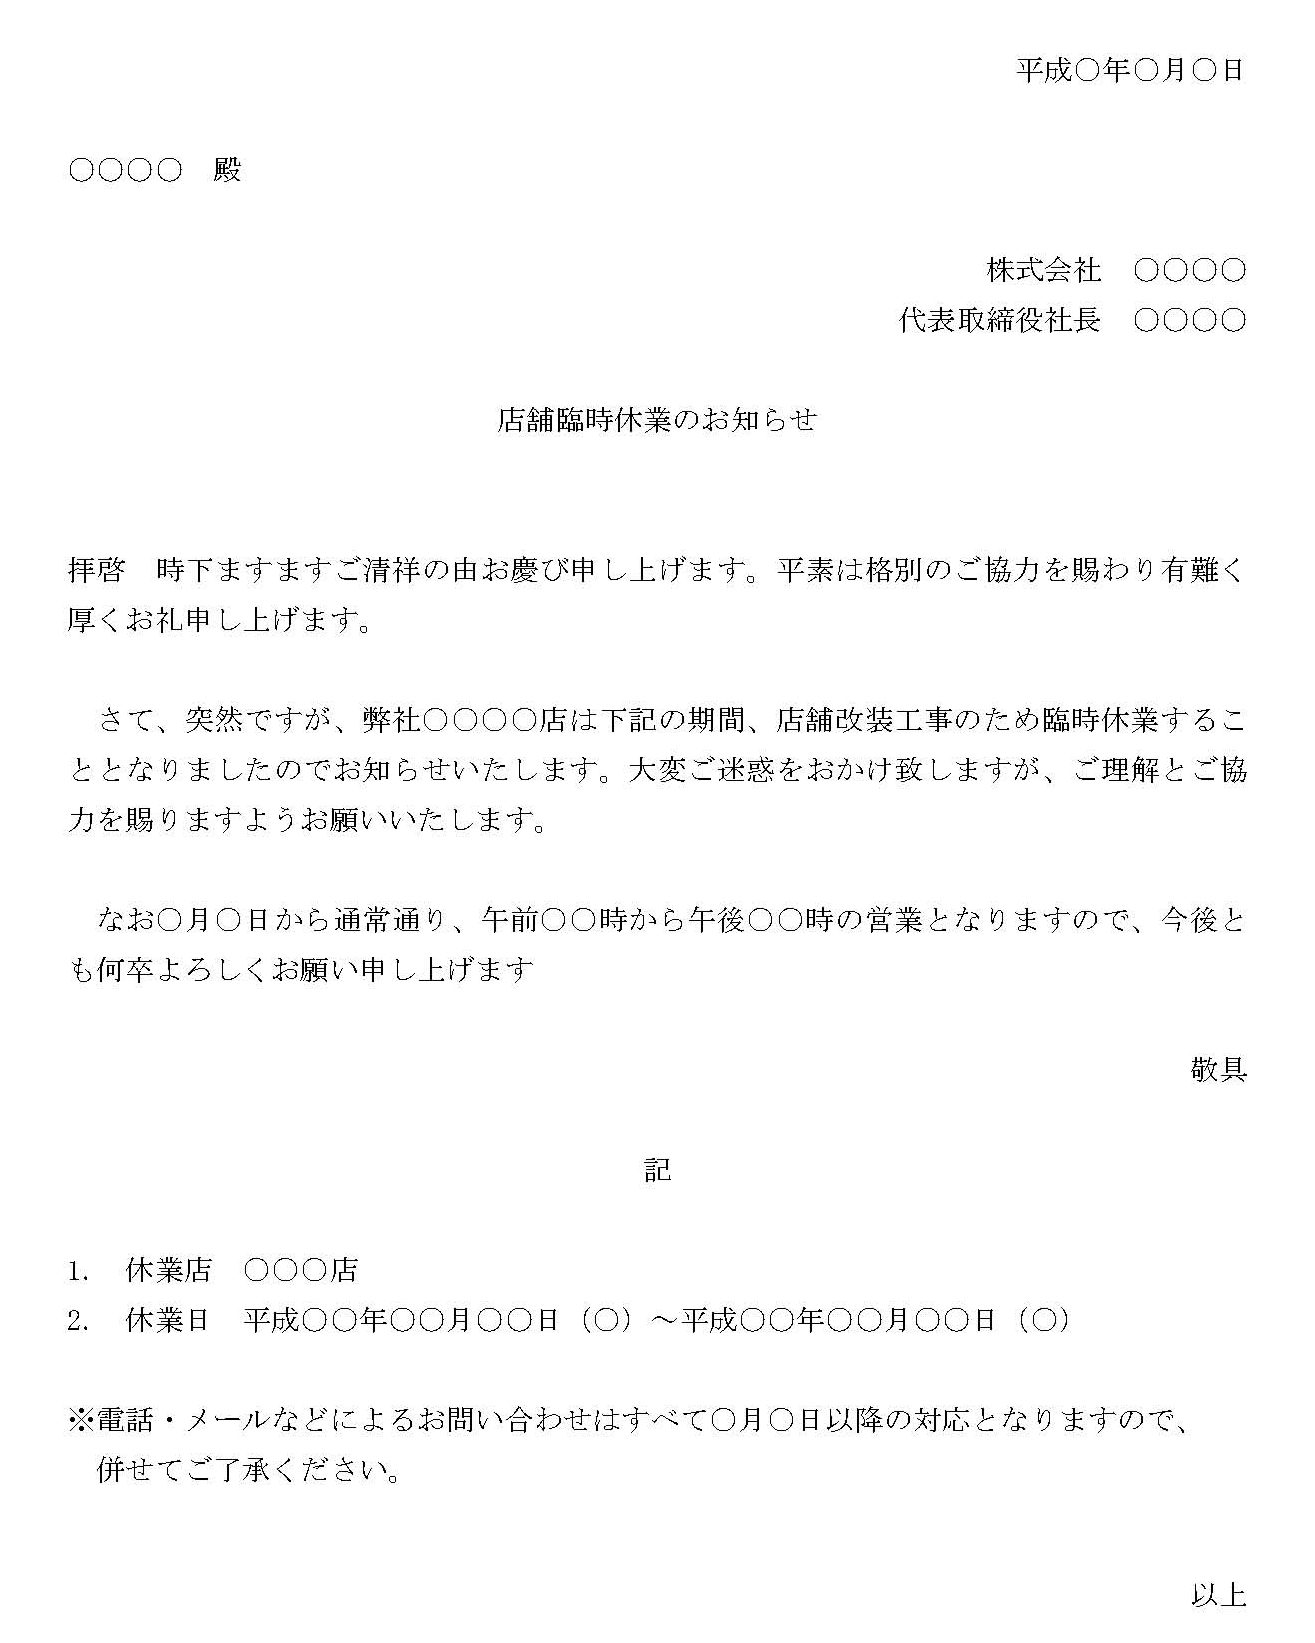 お知らせ(店舗臨時休業)